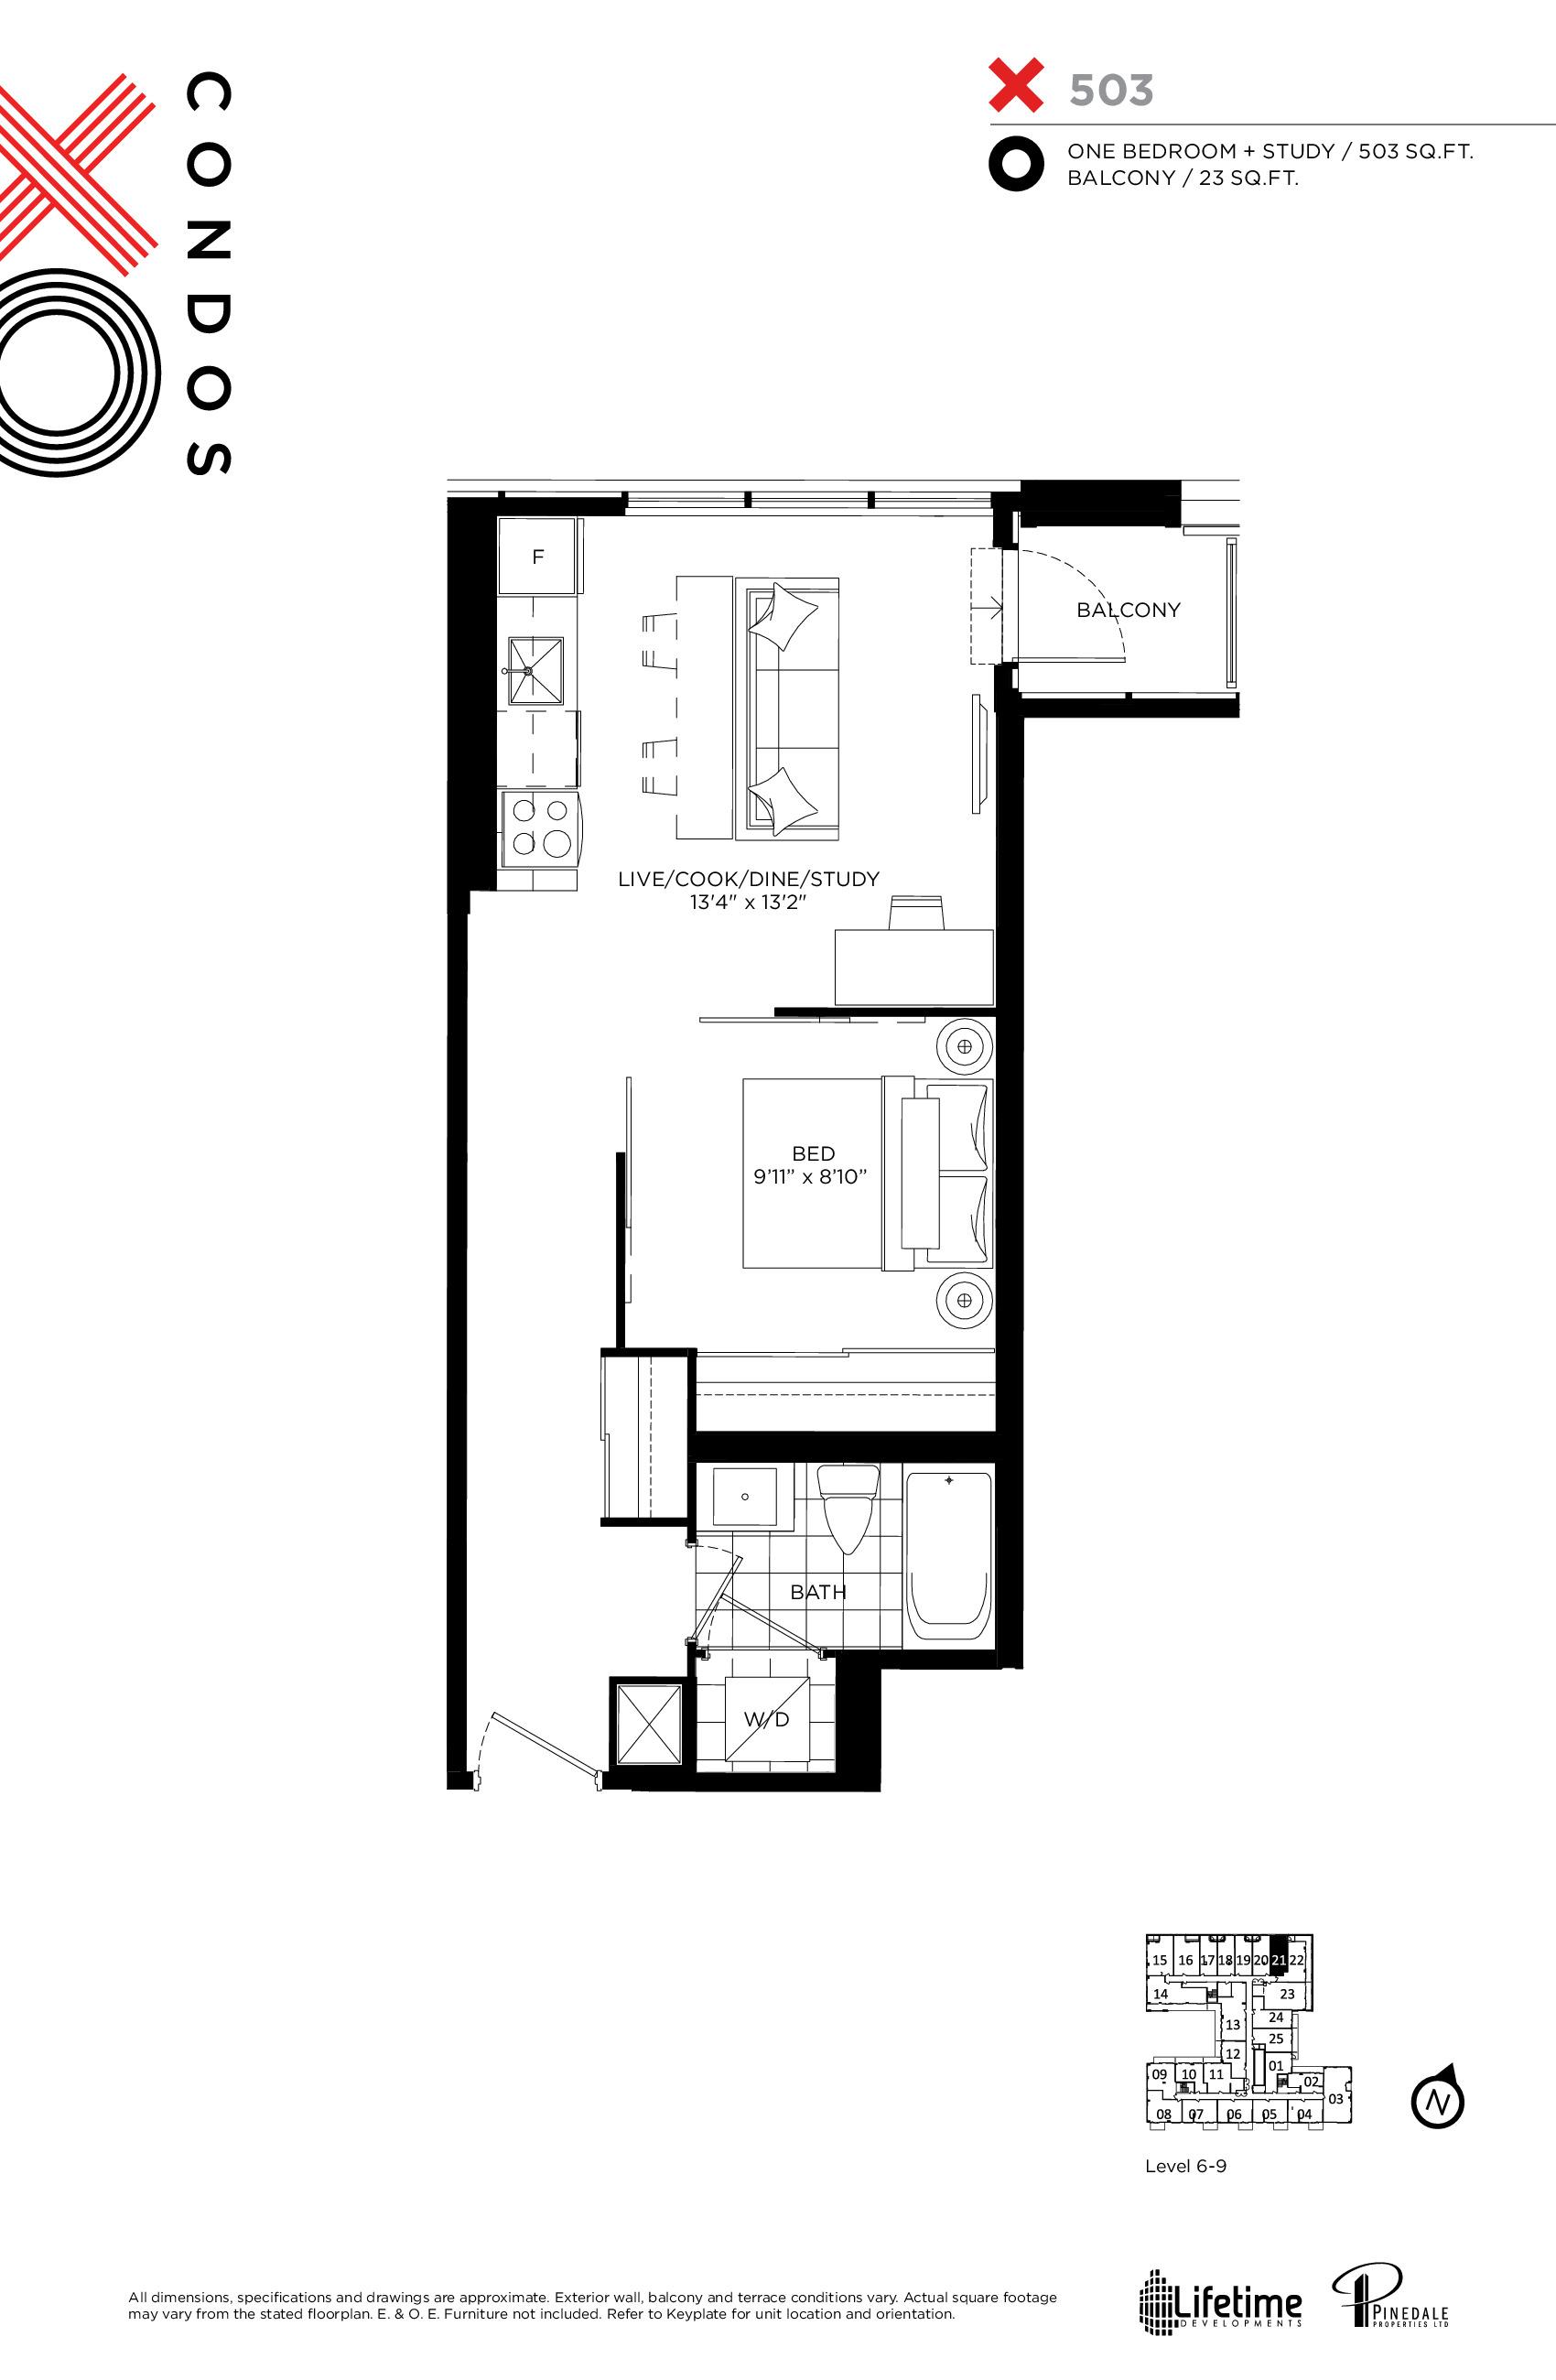 X503 Floor Plan at XO Condos - 503 sq.ft